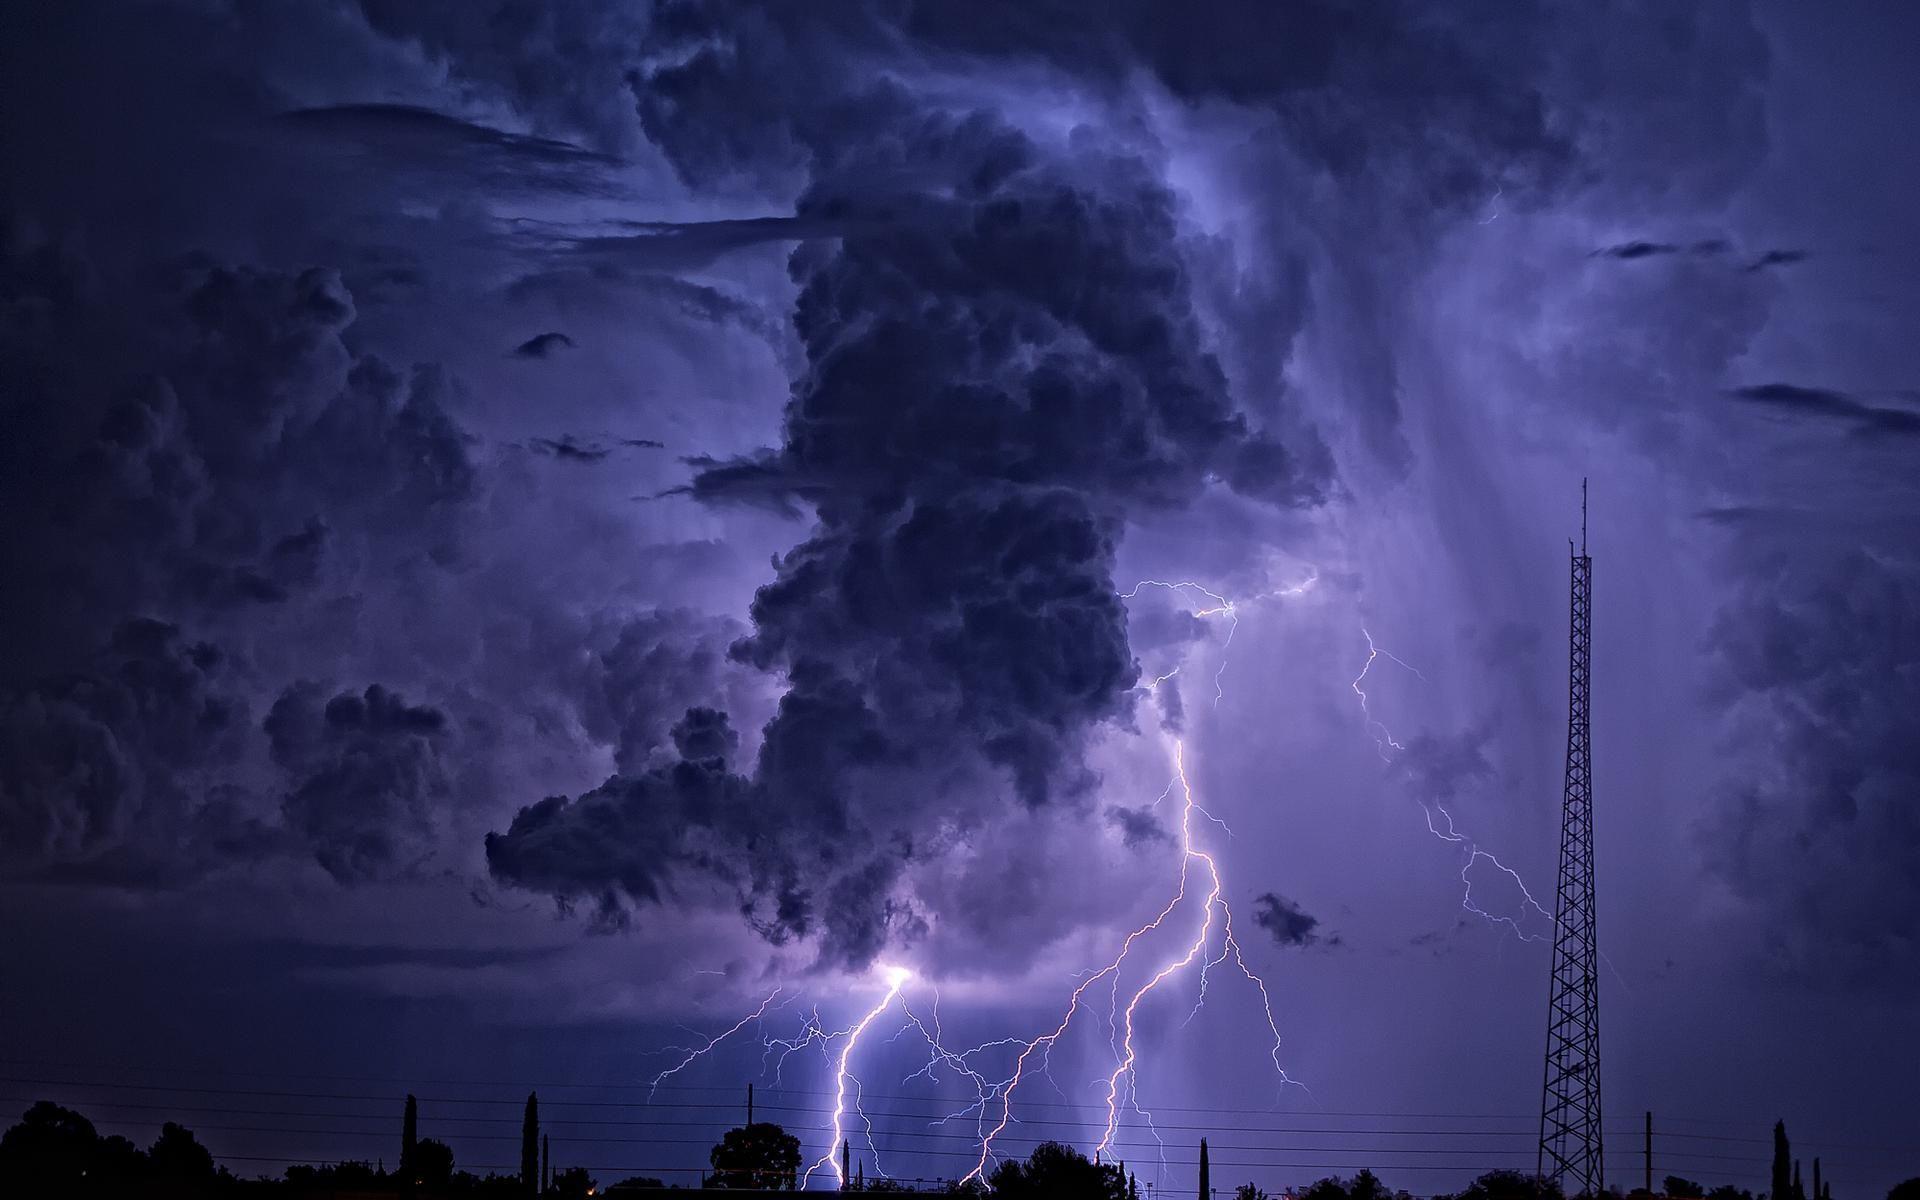 Lightning Bolt Wallpapers Top Free Lightning Bolt Backgrounds Wallpaperaccess